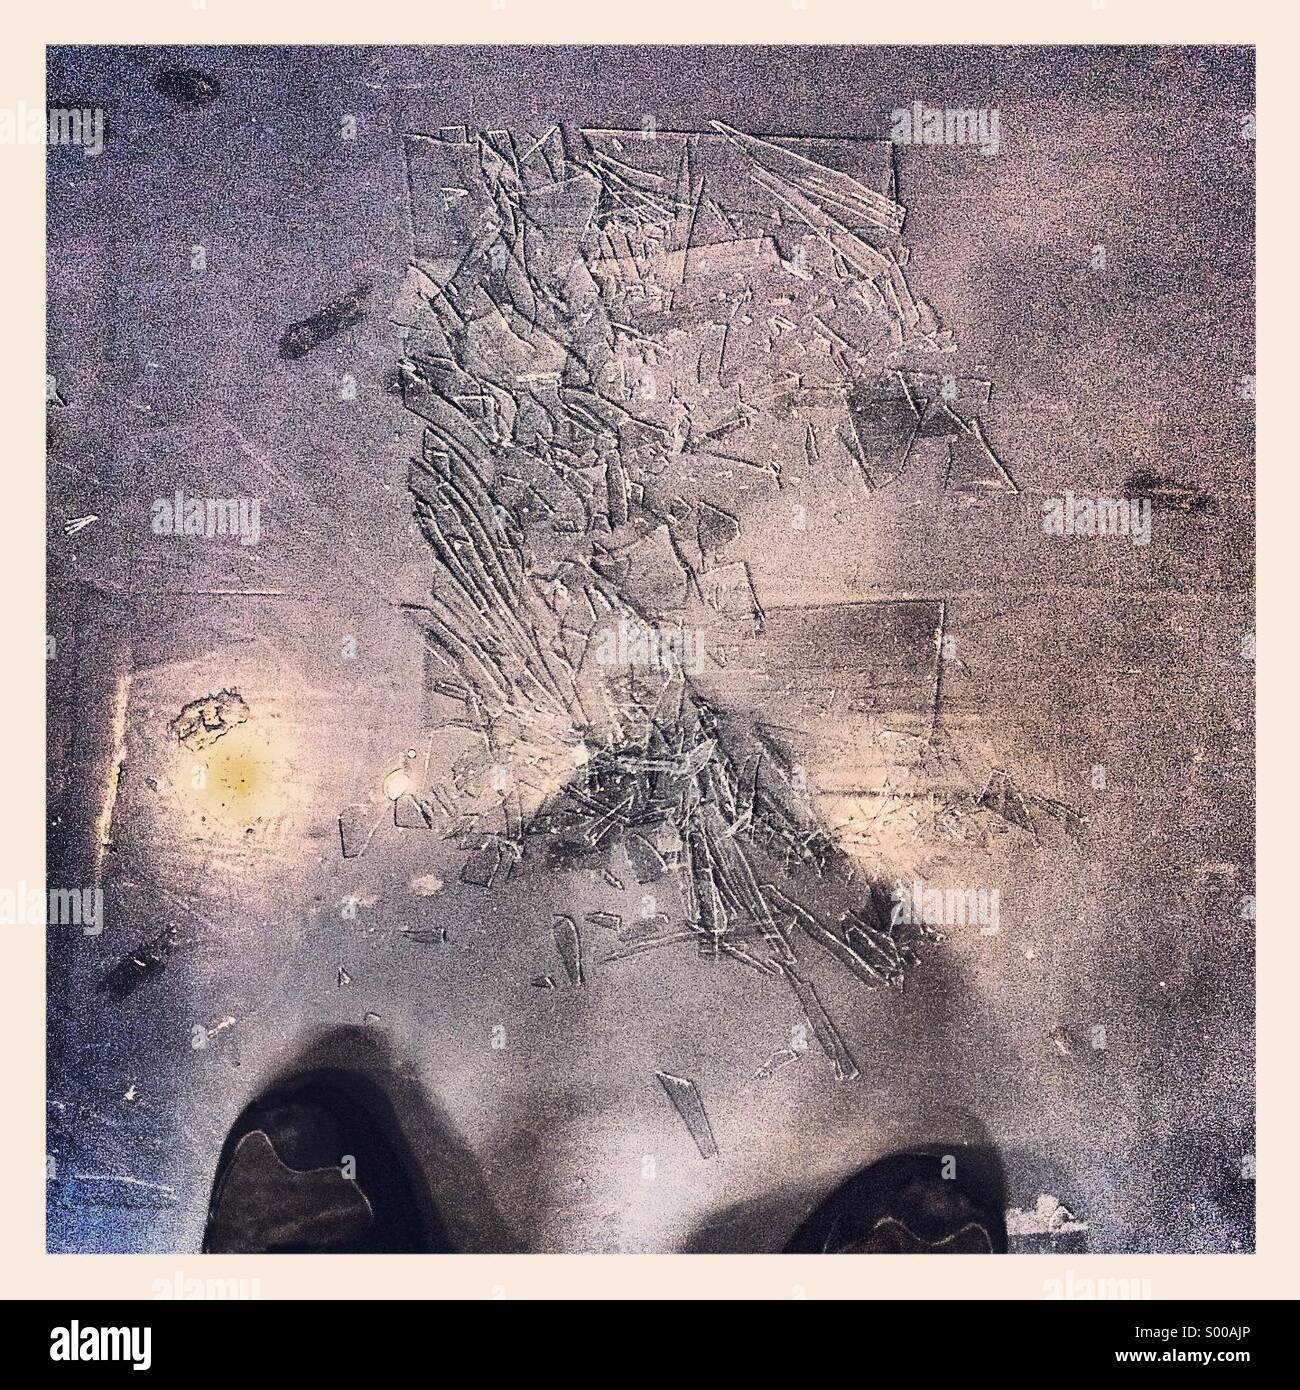 Broken glass on floor - Stock Image